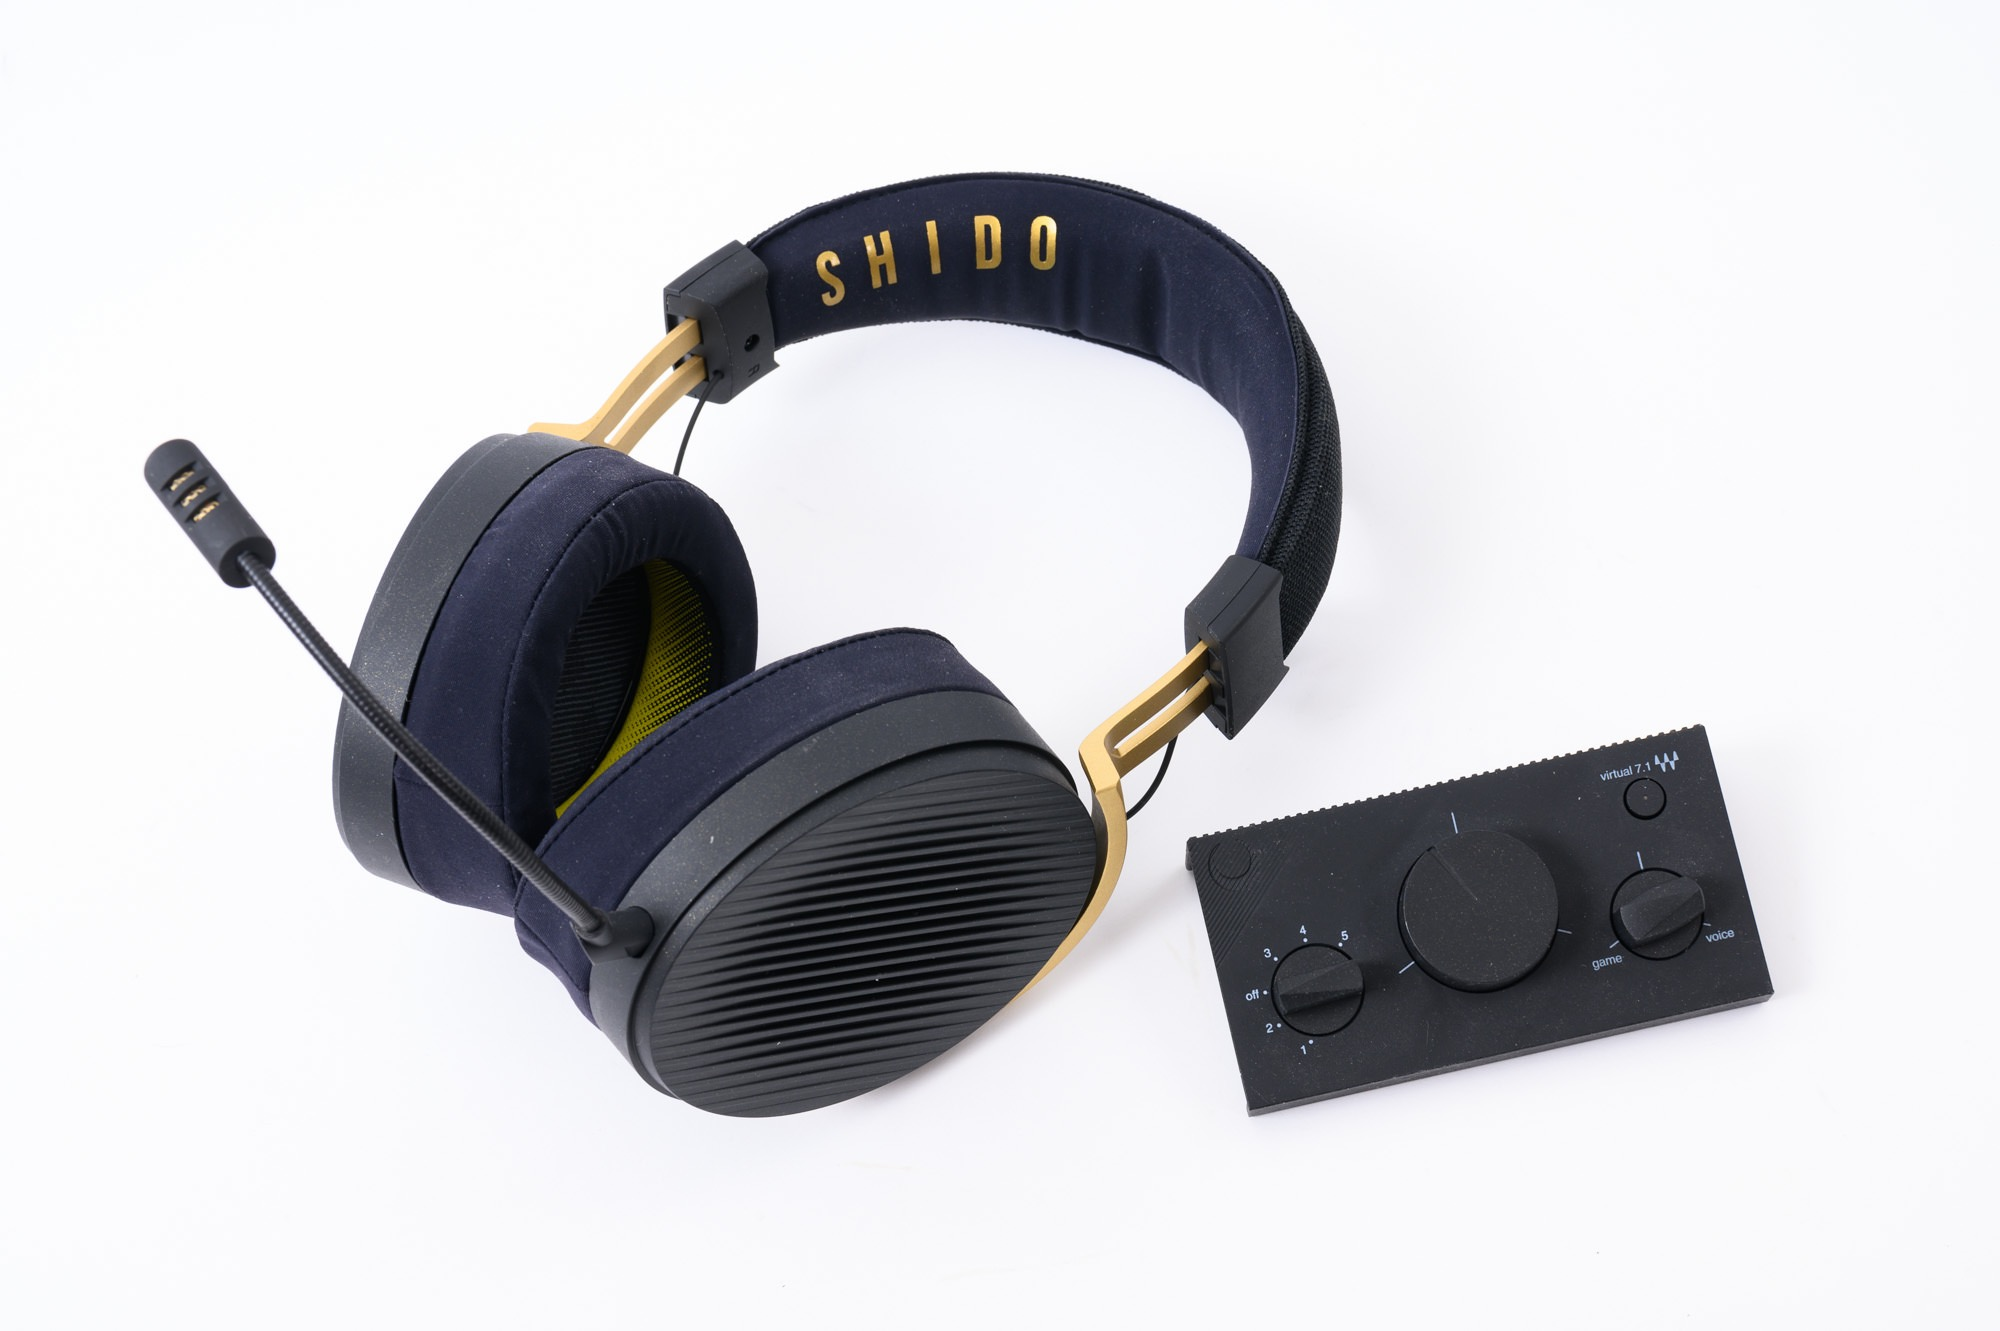 SHIDOのヘッドホン001